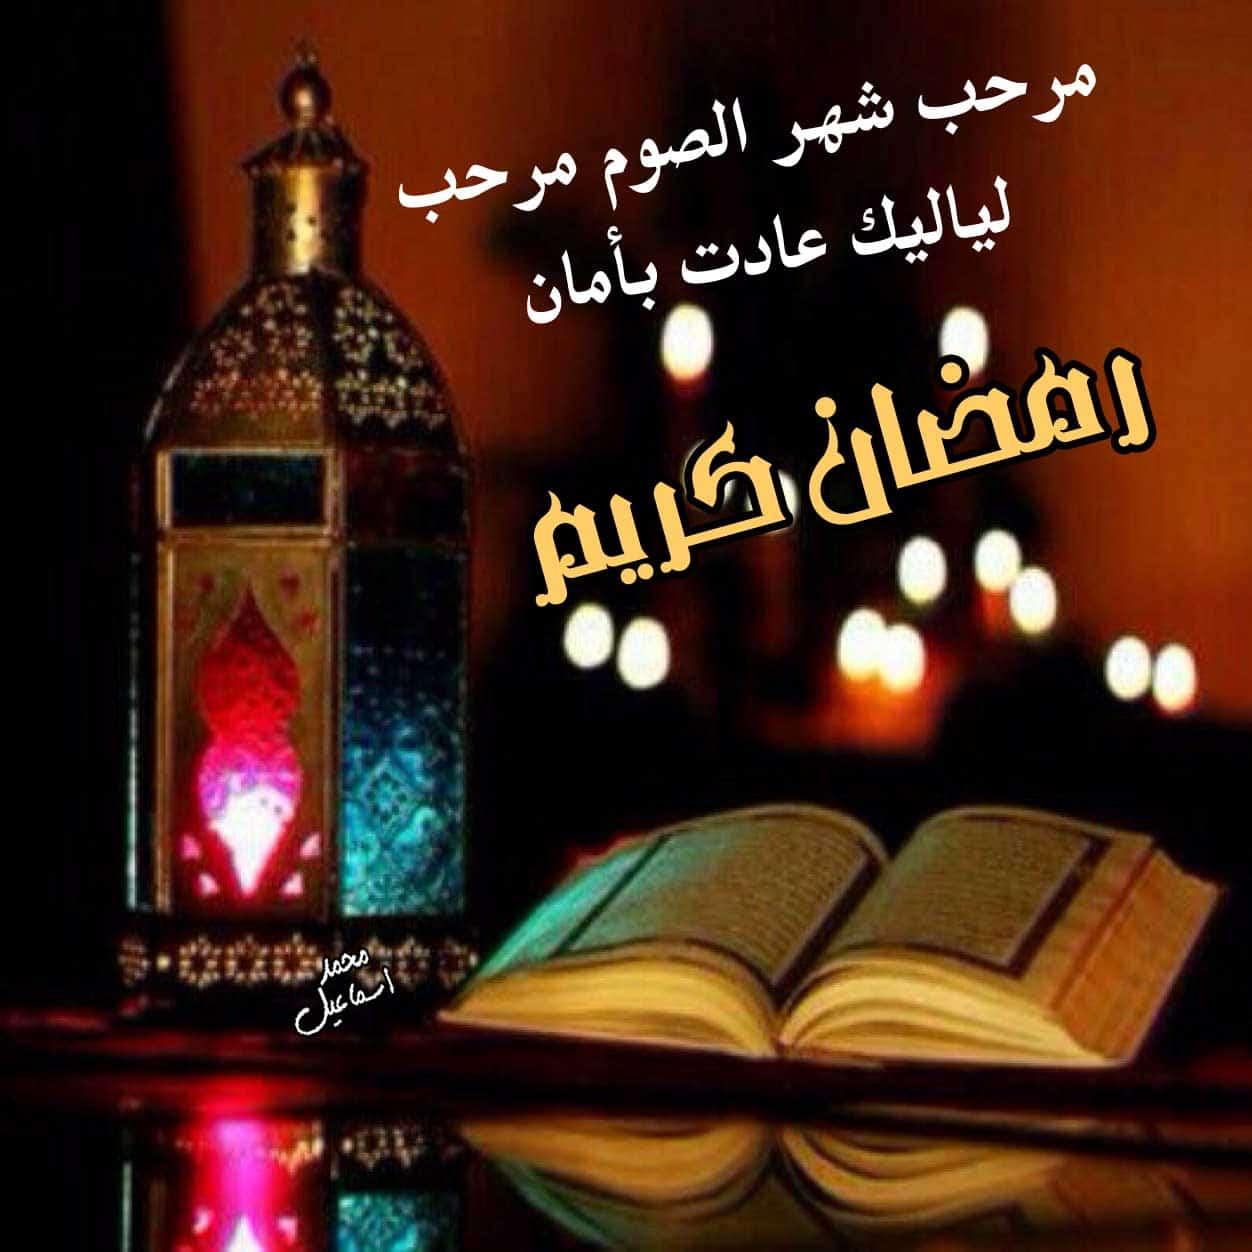 صورة رمزيات عن رمضان 3613 8